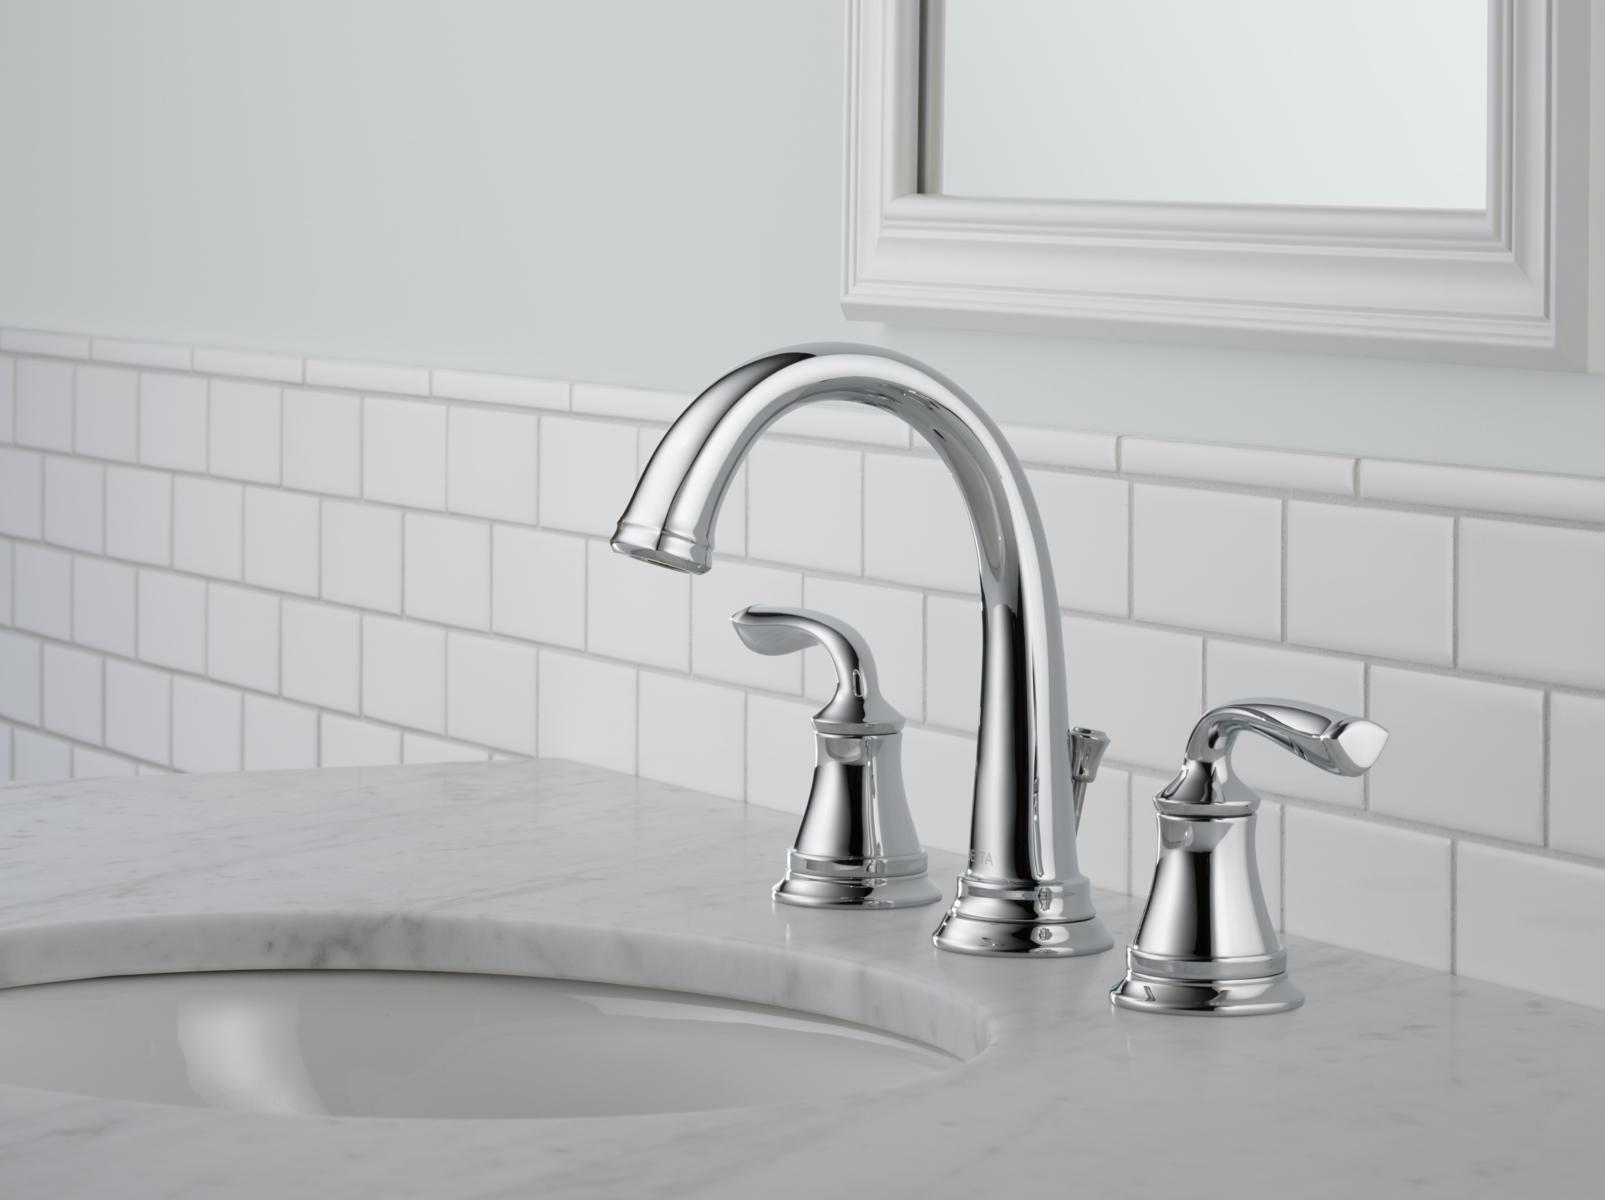 lorain bathroom collection delta faucet